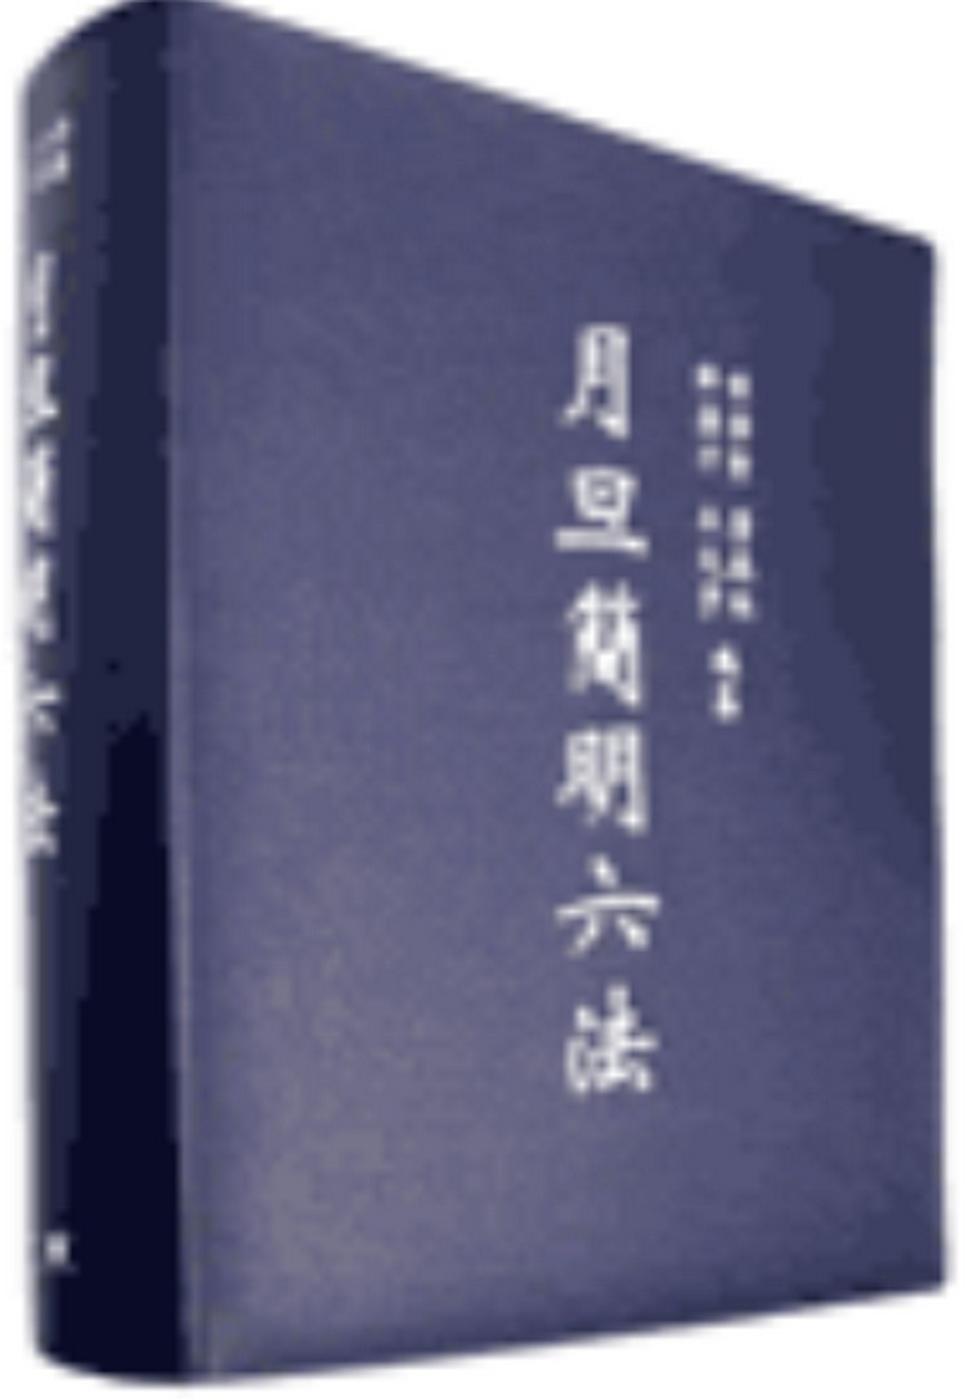 月旦簡明六法(二十七版)